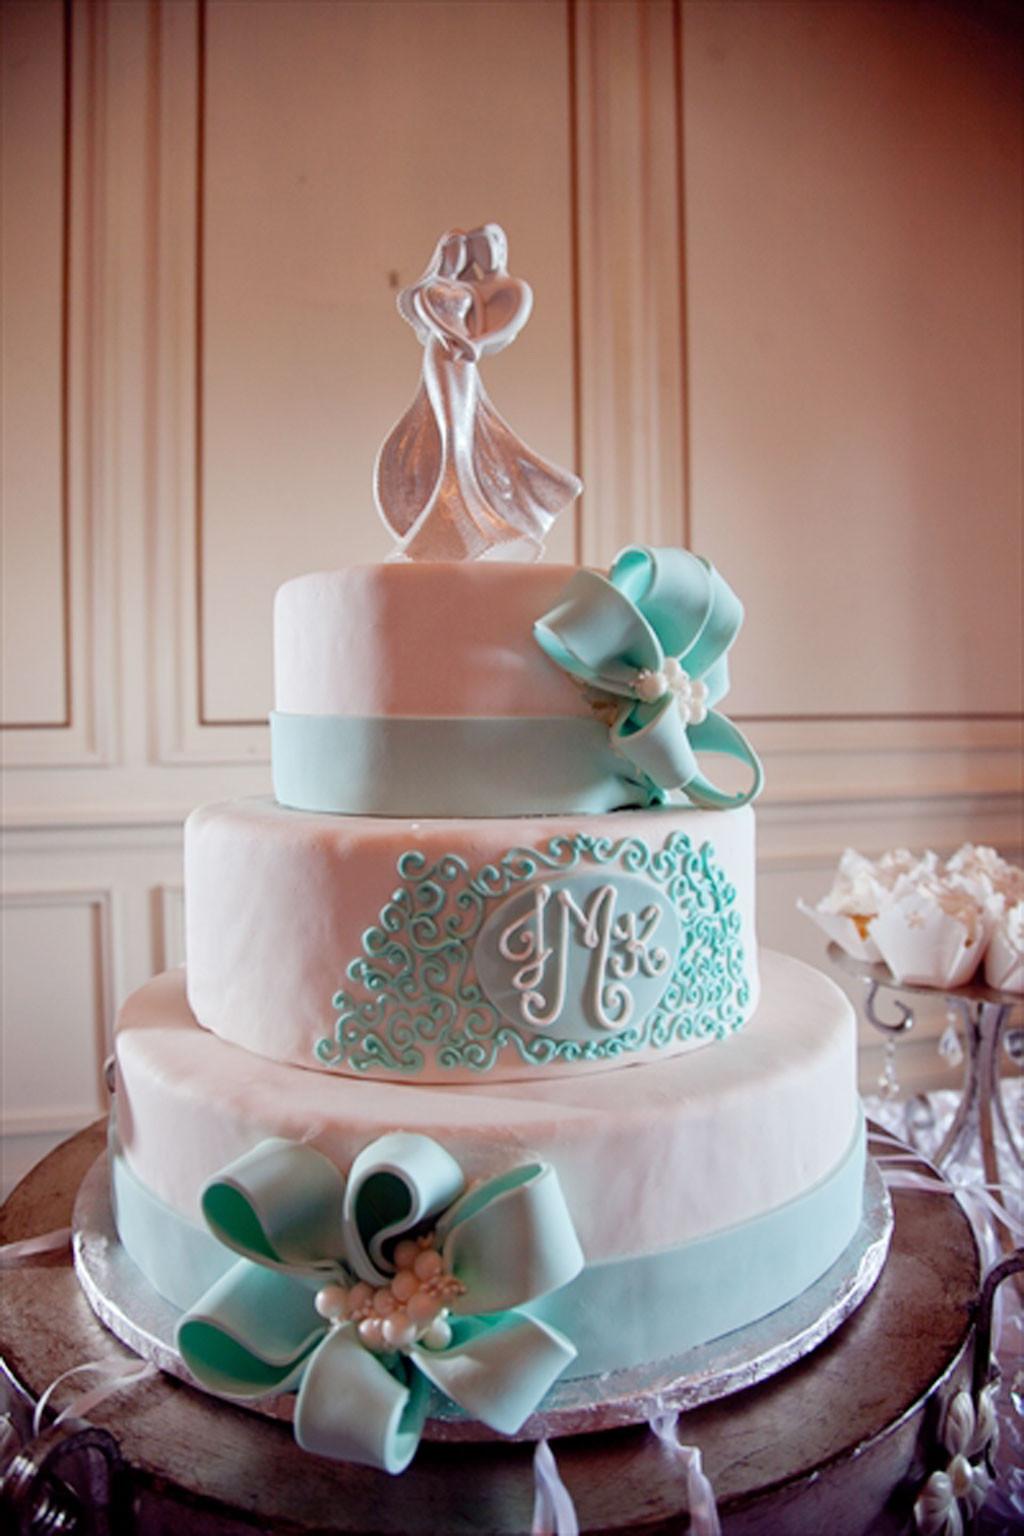 Wedding Cakes Baton Rouge  Baton Rouge Wedding Cakes Design 8 Wedding Cake Cake